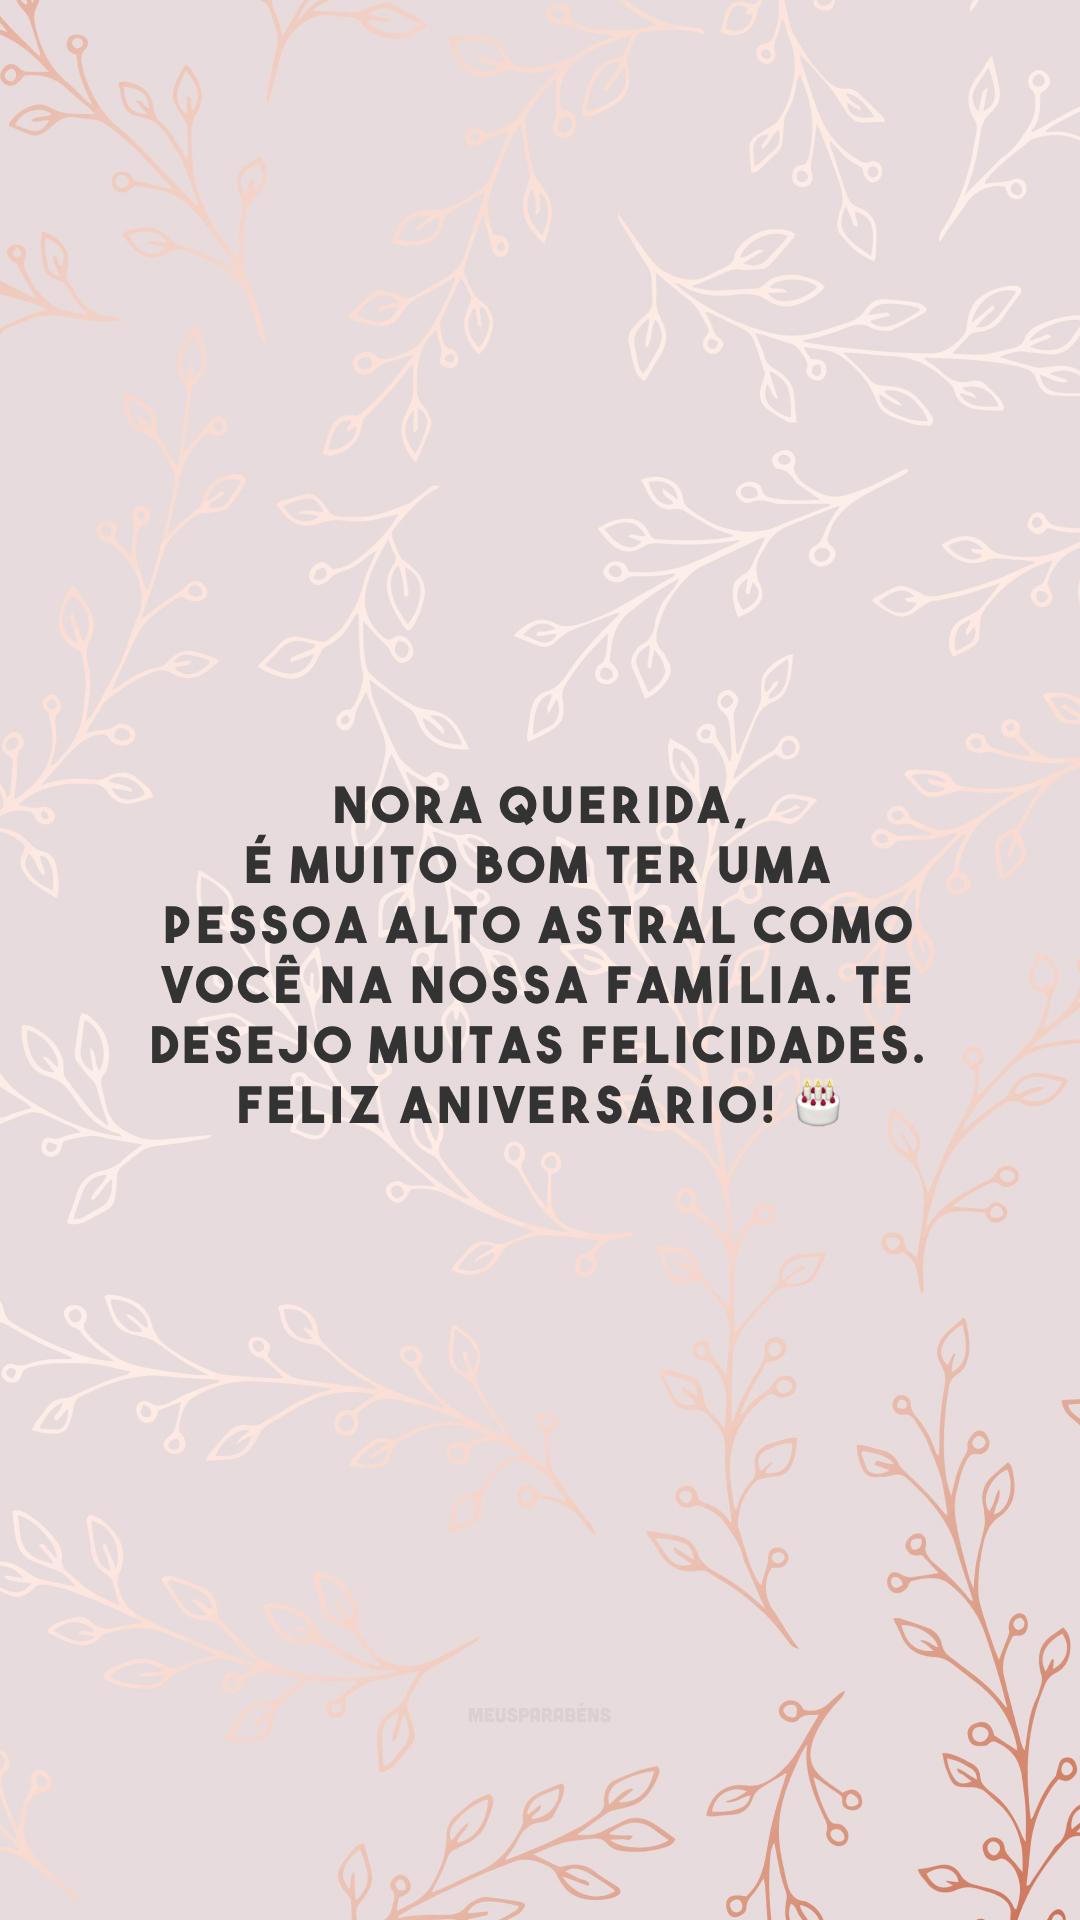 Nora querida, é muito bom ter uma pessoa alto astral como você na nossa família. Te desejo muitas felicidades. Feliz aniversário! 🎂